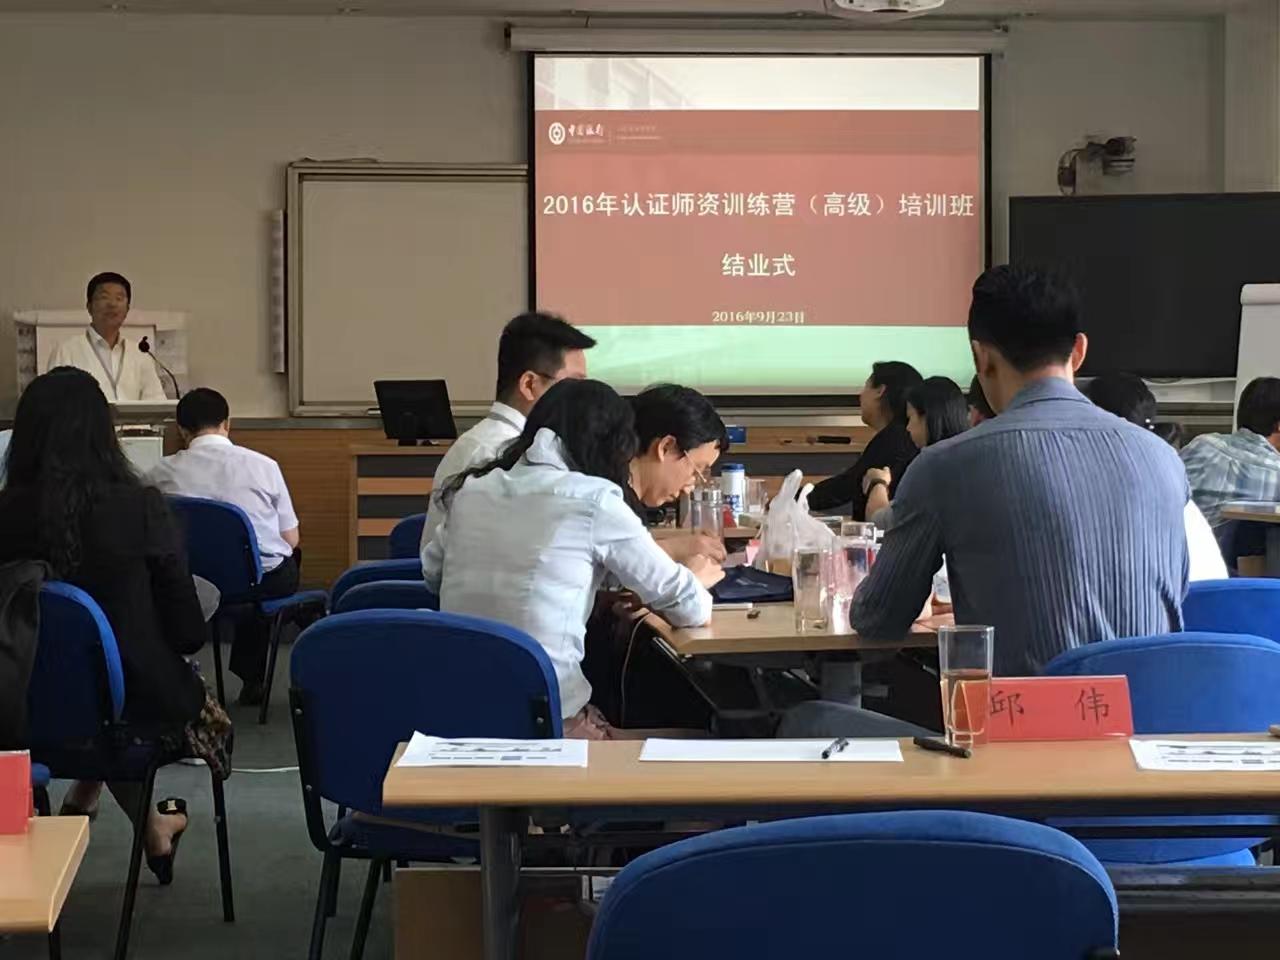 中国银行国际金融研修院师资训练营(高级)培训班 培训师邱伟